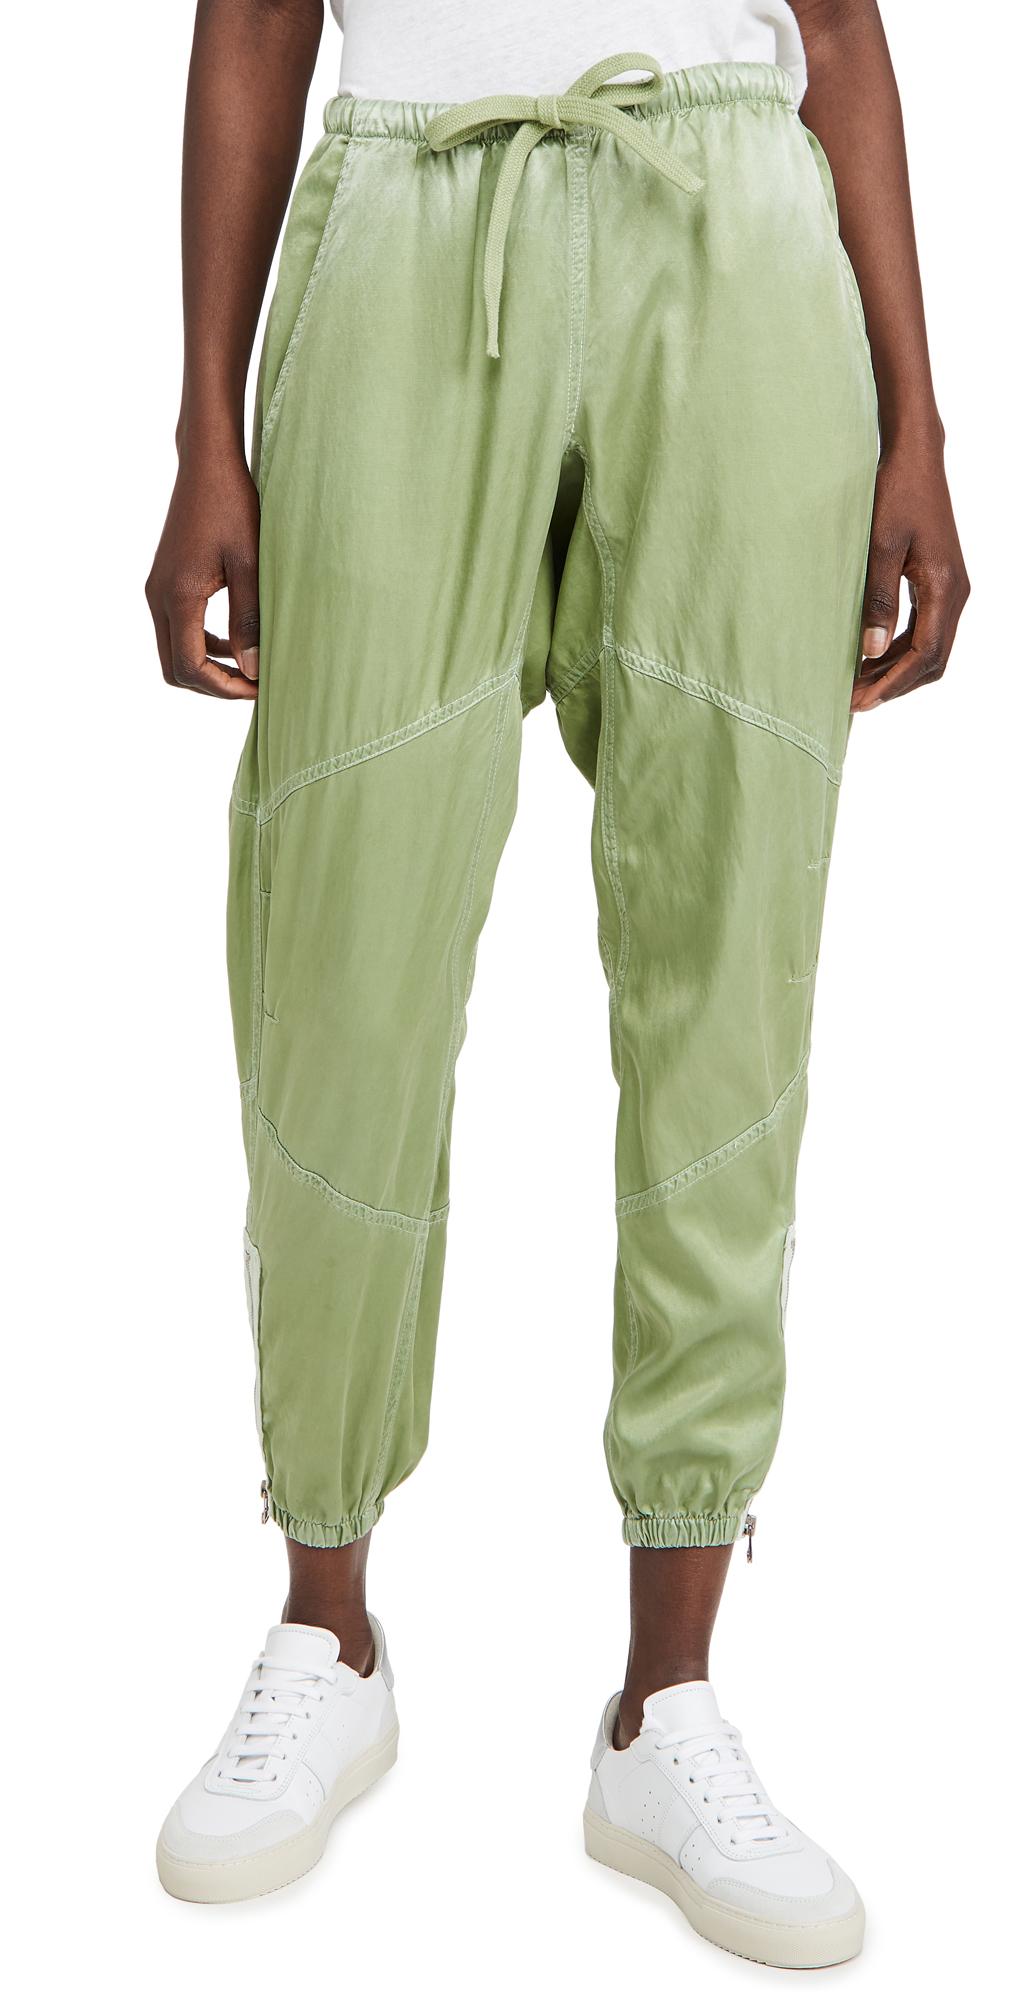 Parachute Satin Pants